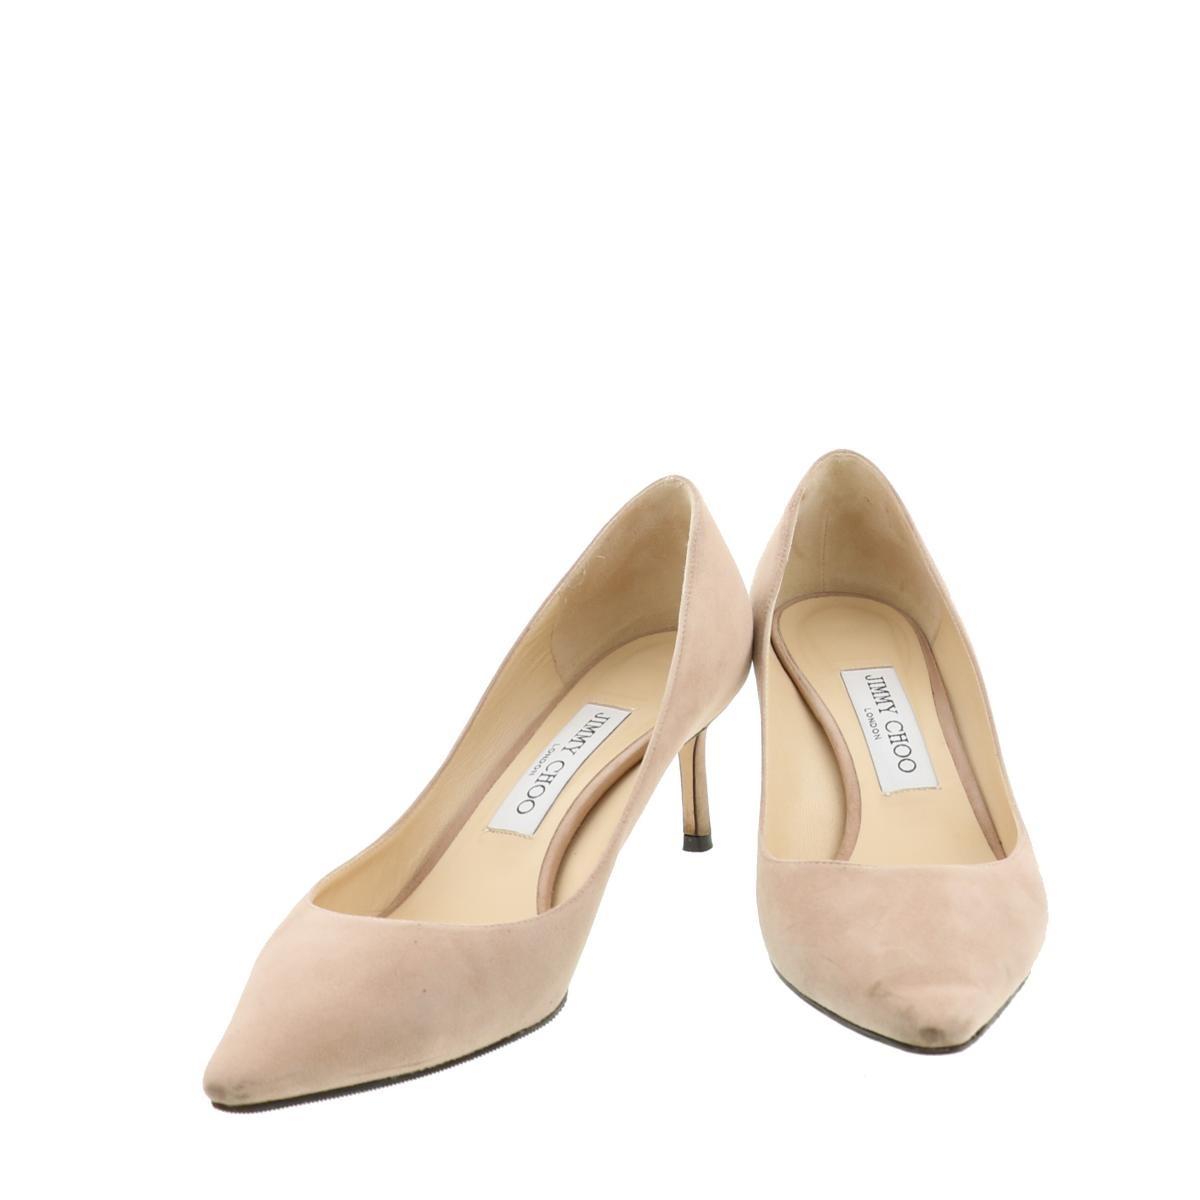 【お値下げ品】【中古】JIMMY CHOO (ジミーチュー) ハイヒール 靴 靴/レディース  Beige/ベージュ